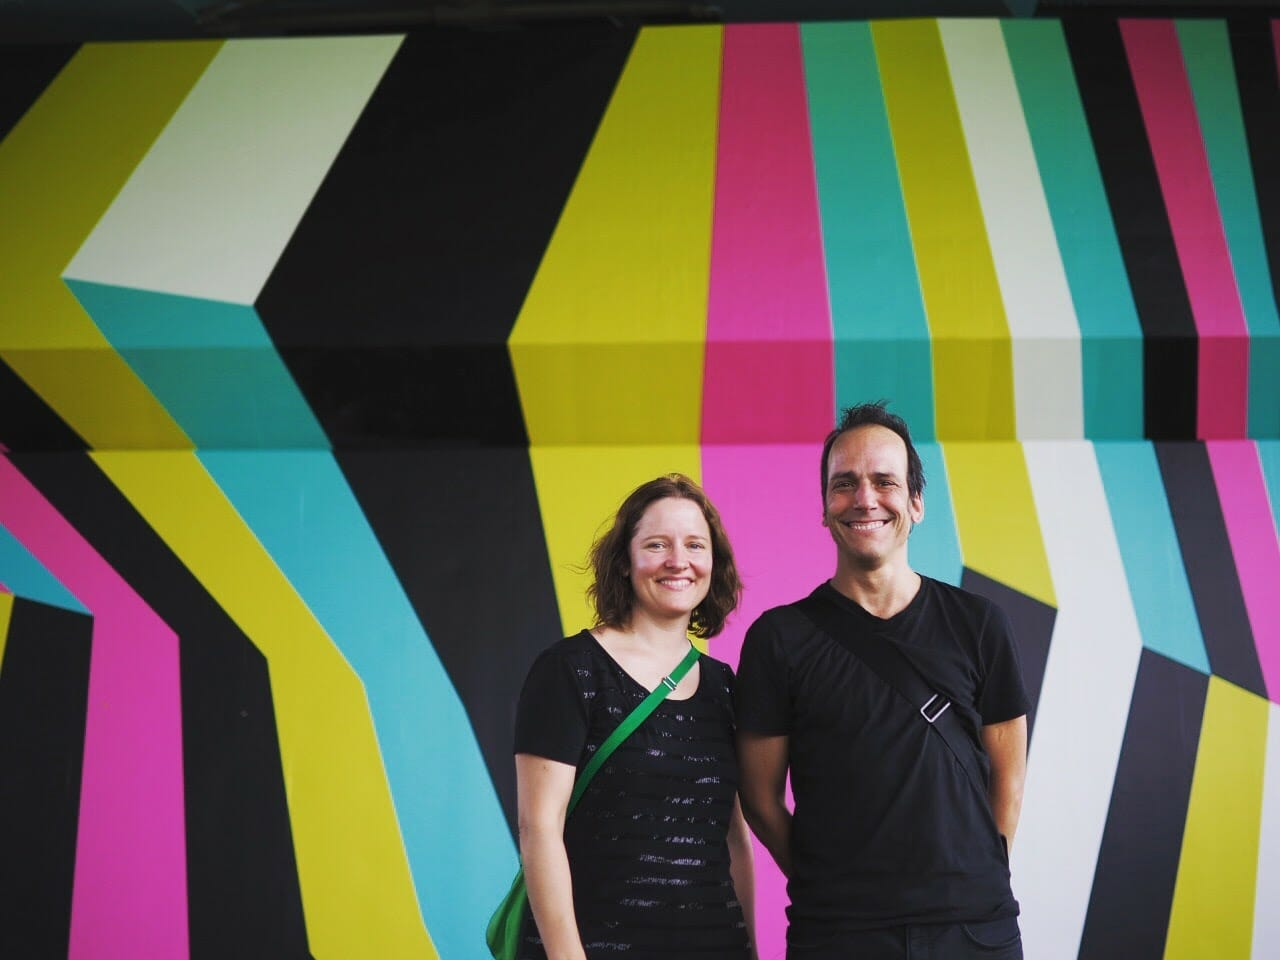 ラング&バウマン<br />サビナ・ラングとダニエル・バウマンという二人のスイス人アーティストによるユニット。構造物、建築と作品がどのように作用しあうのかに着目し、展示空間そのものを変換、鑑賞者を作品の一部に取り込む制作を得意としている。